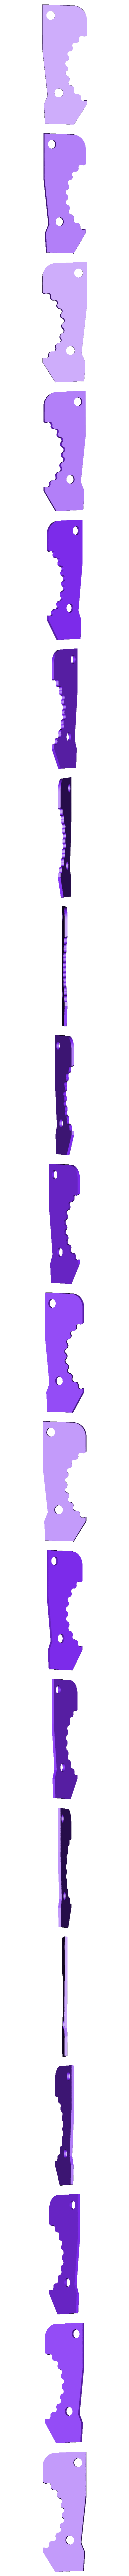 V9_LID.stl Télécharger fichier STL gratuit Taille-crayons avec lame X-acto • Modèle pour imprimante 3D, Dsk